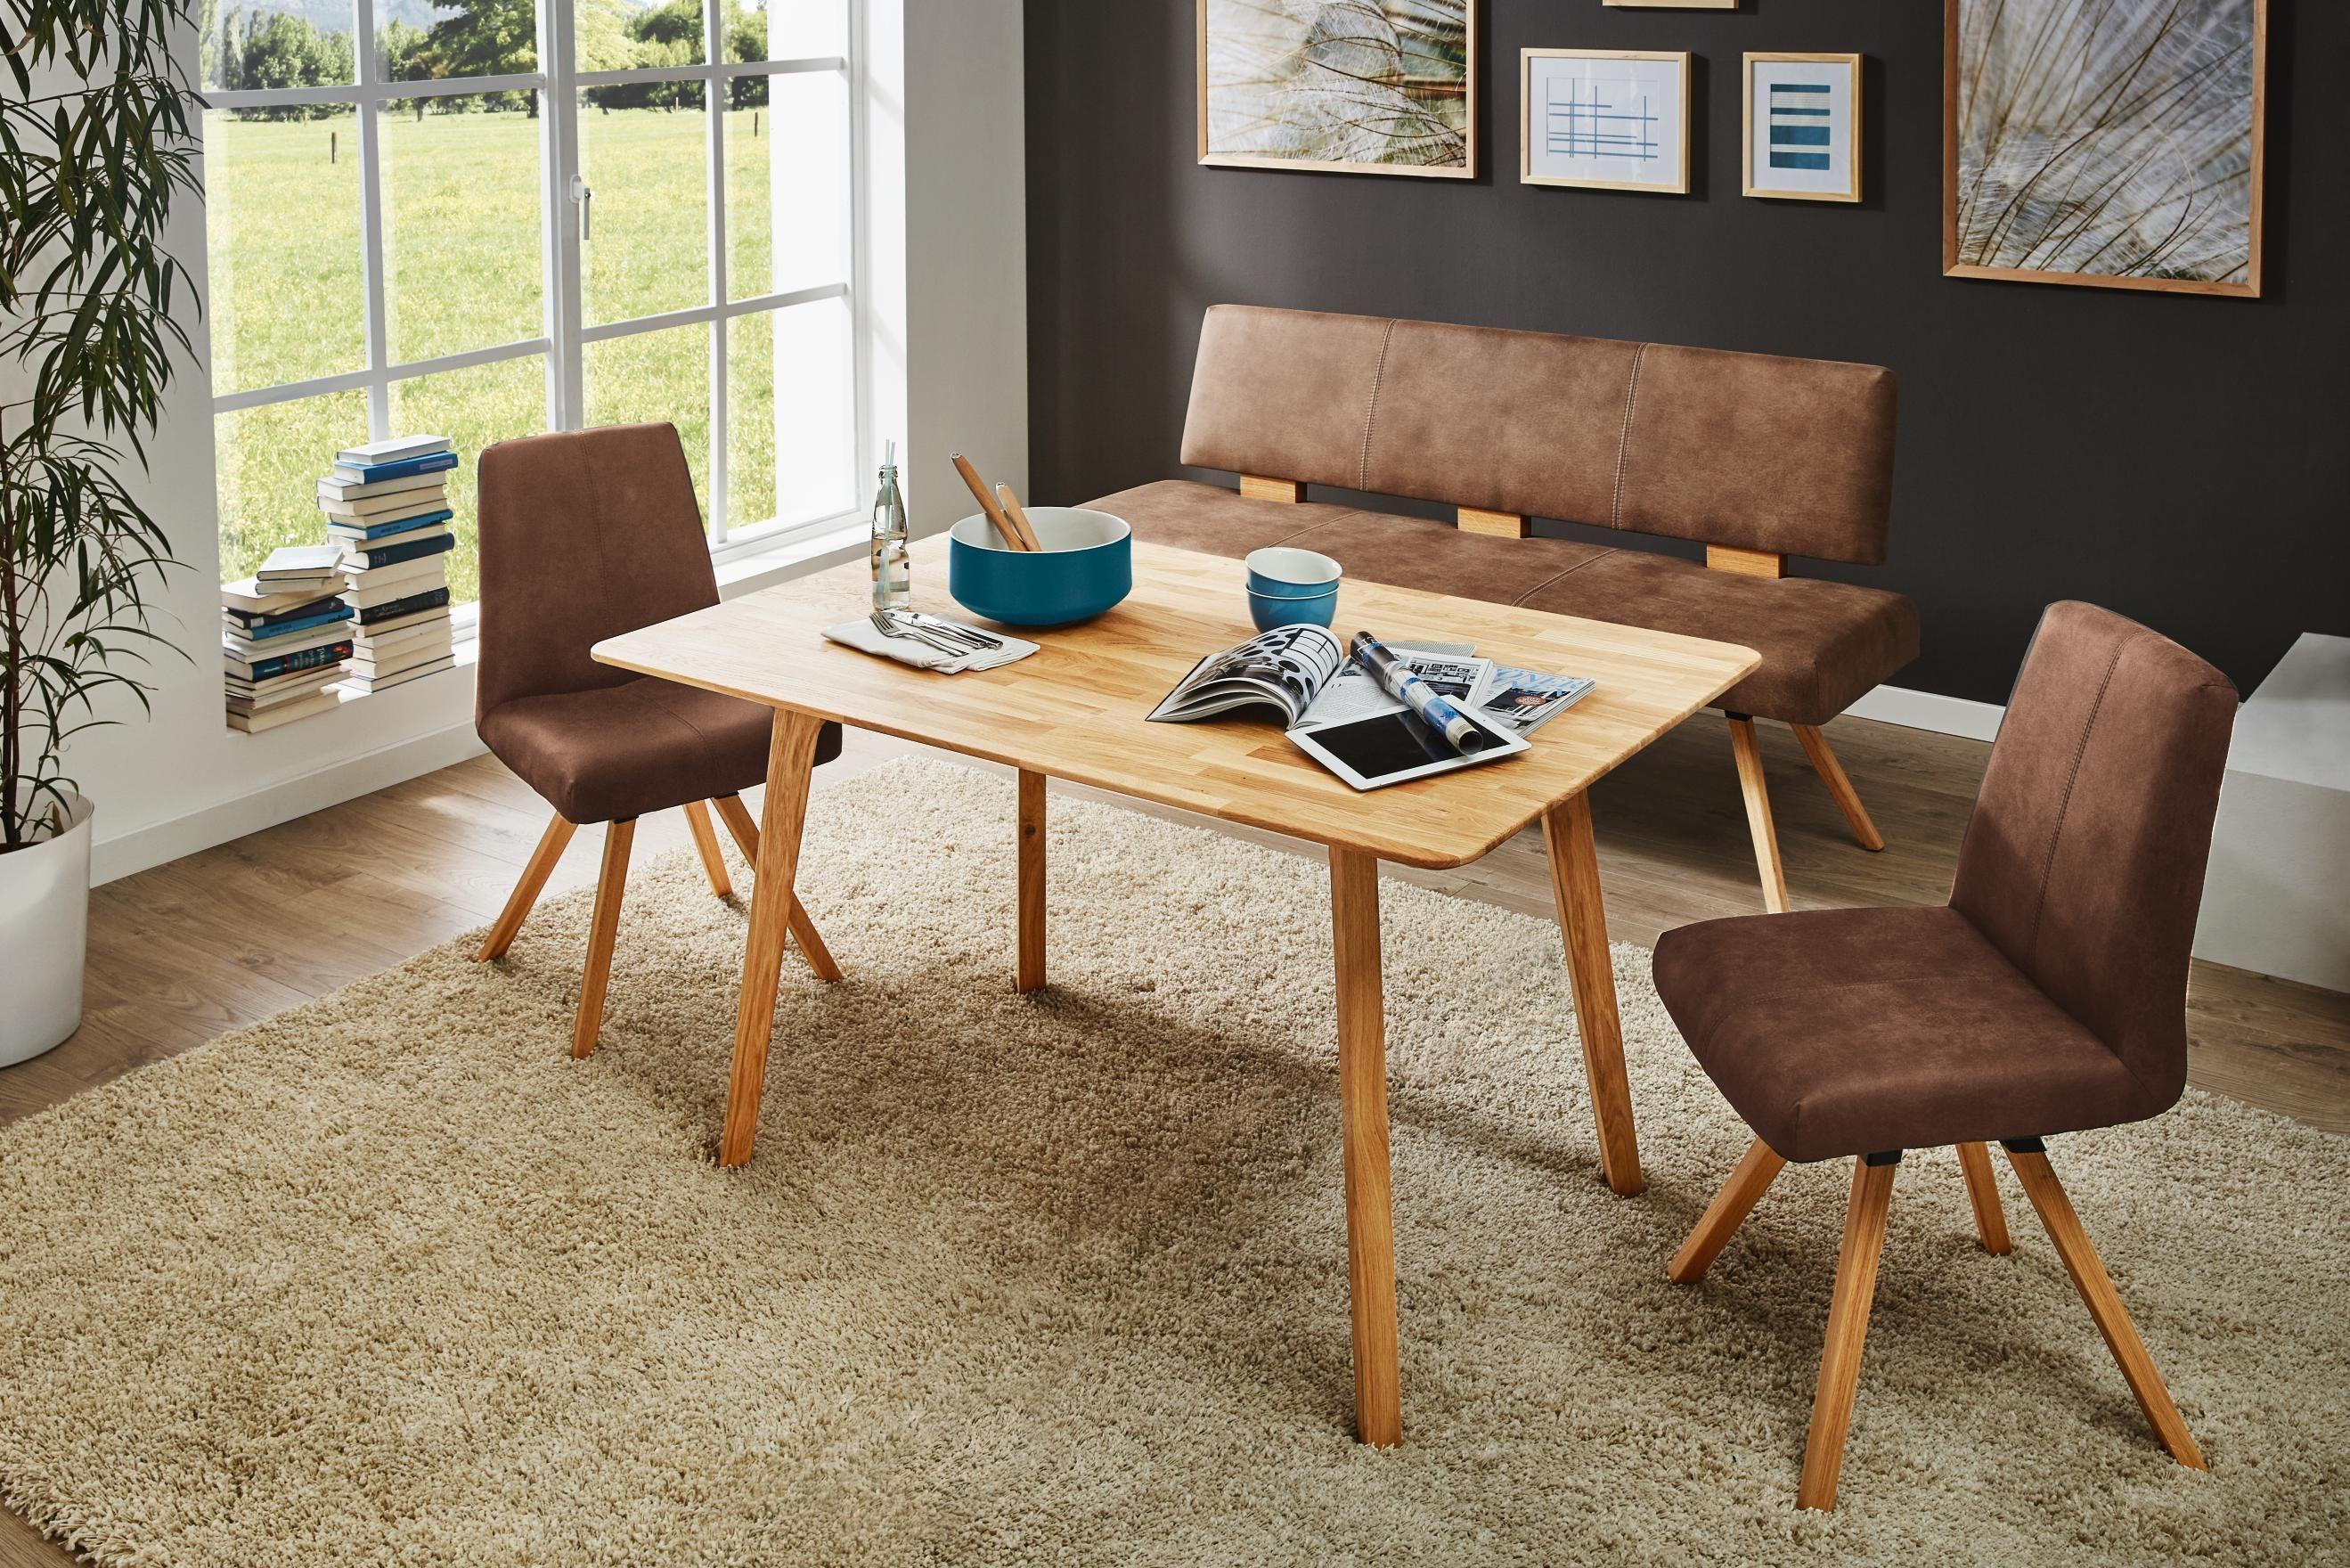 Küchenstühle Roller ~ Sitzbank von valnatura: echtes wildeichenholz im essbereich